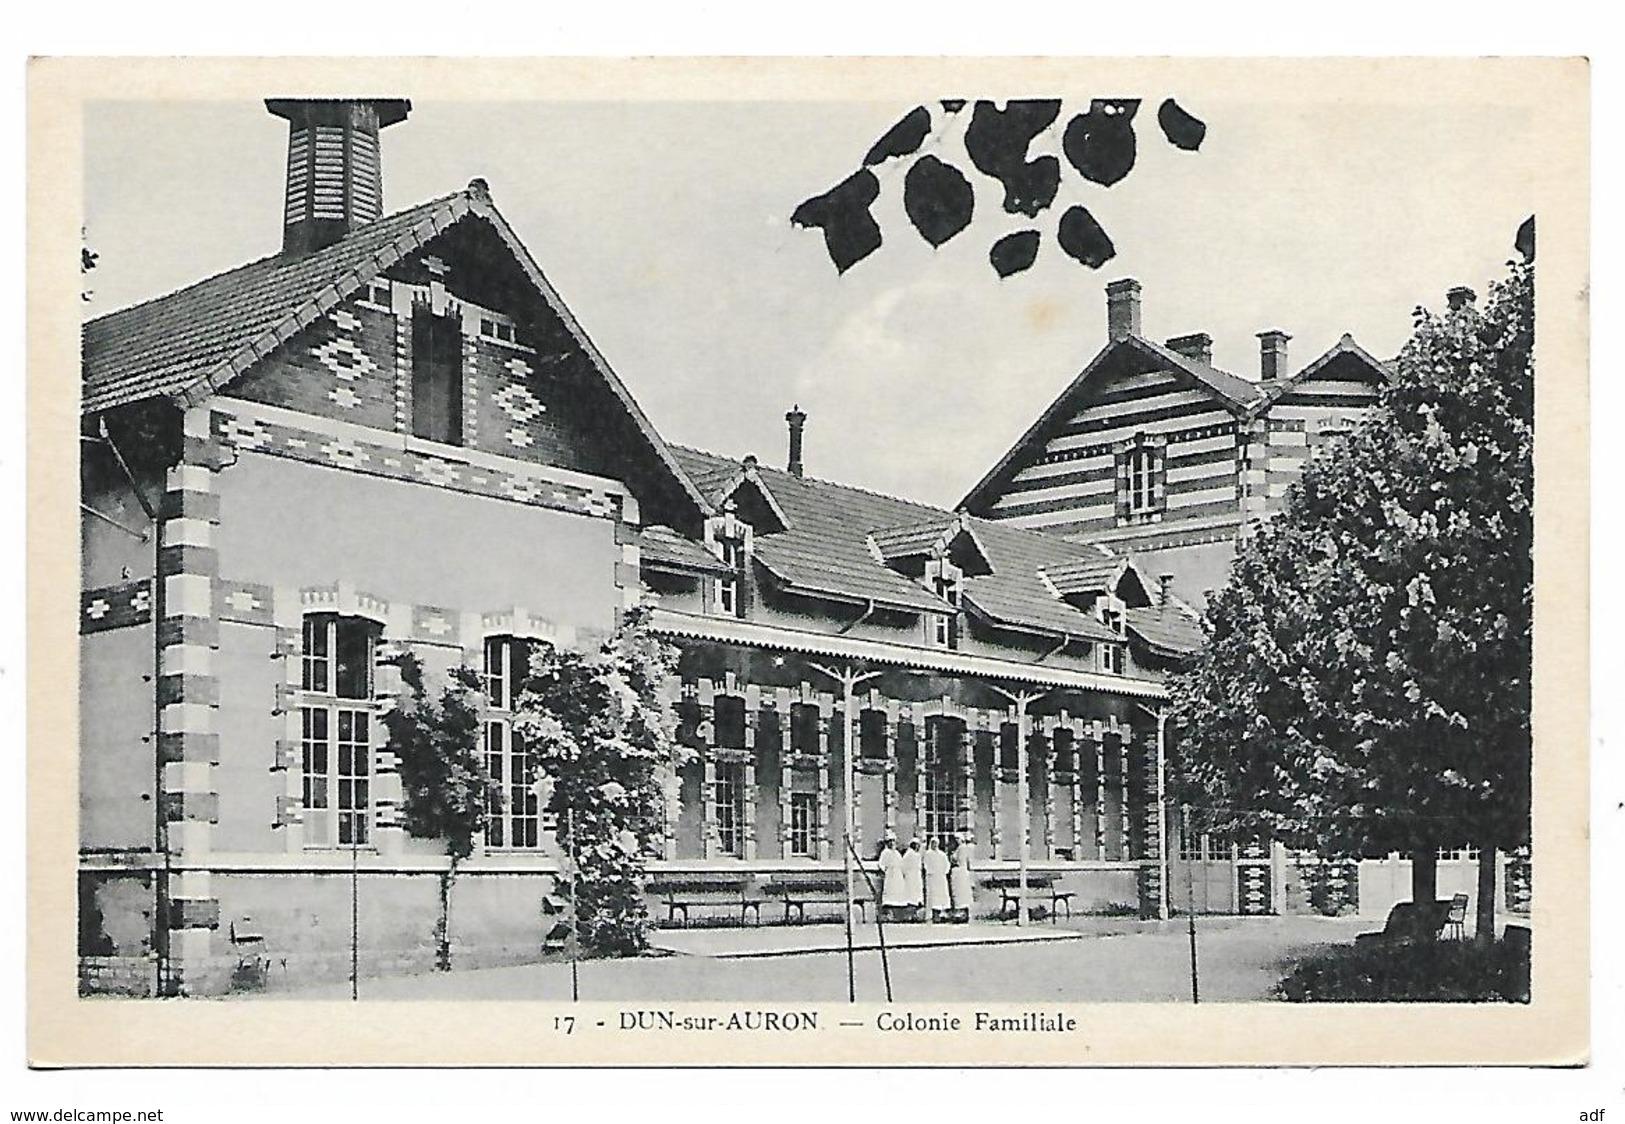 CPA DUN SUR AURON, PETITE ANIMATION DEVANT LA COLONIE FAMILIALE, CHER 18 - Dun-sur-Auron